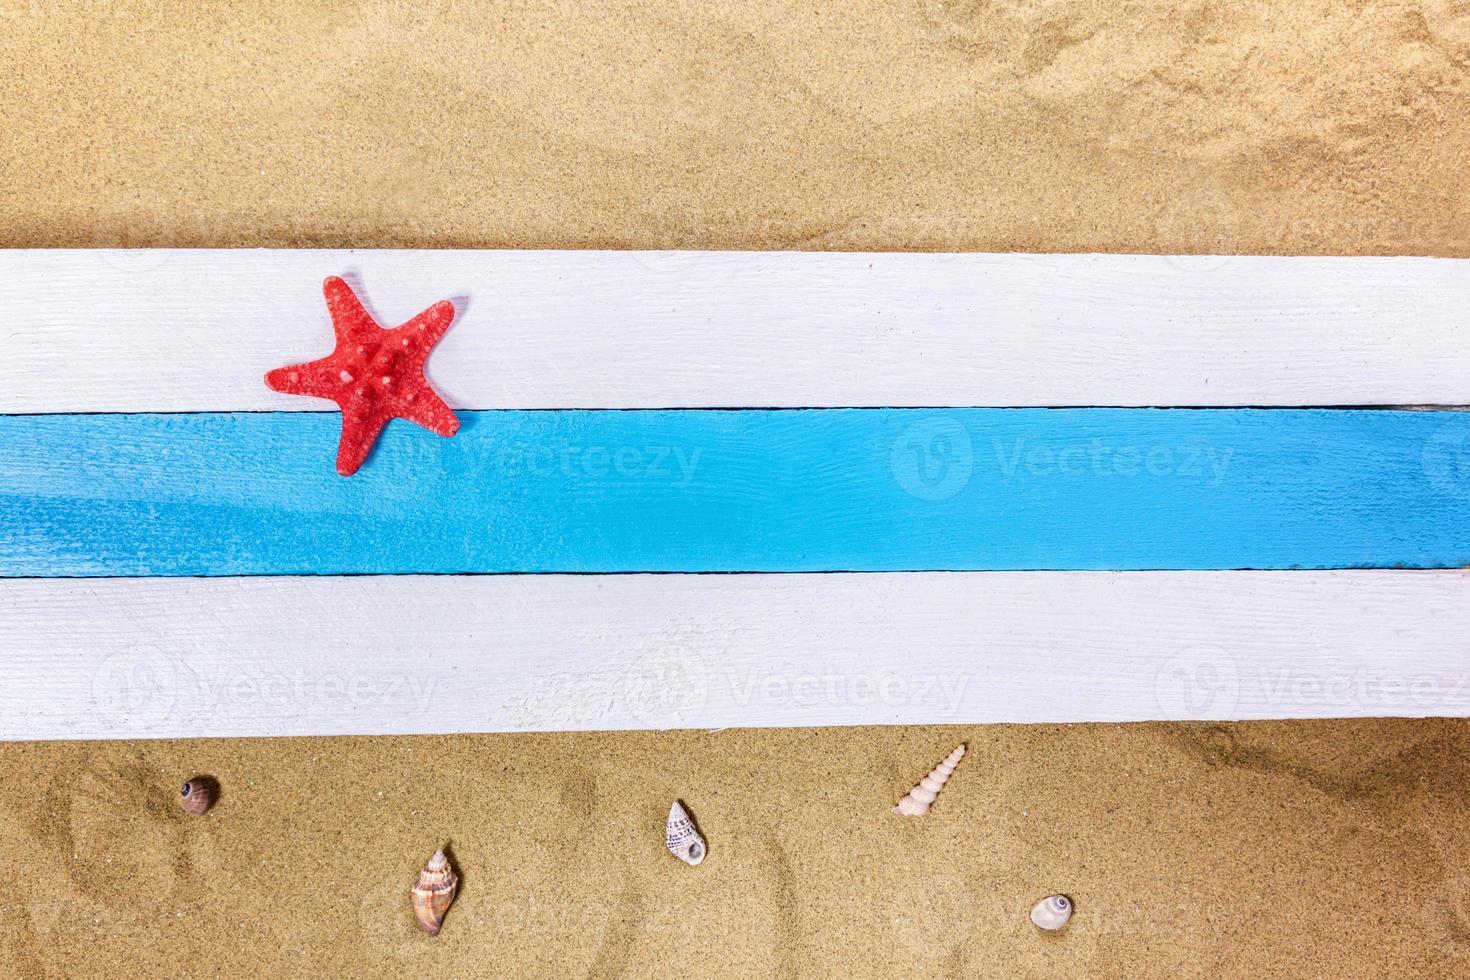 escena de playa de verano foto